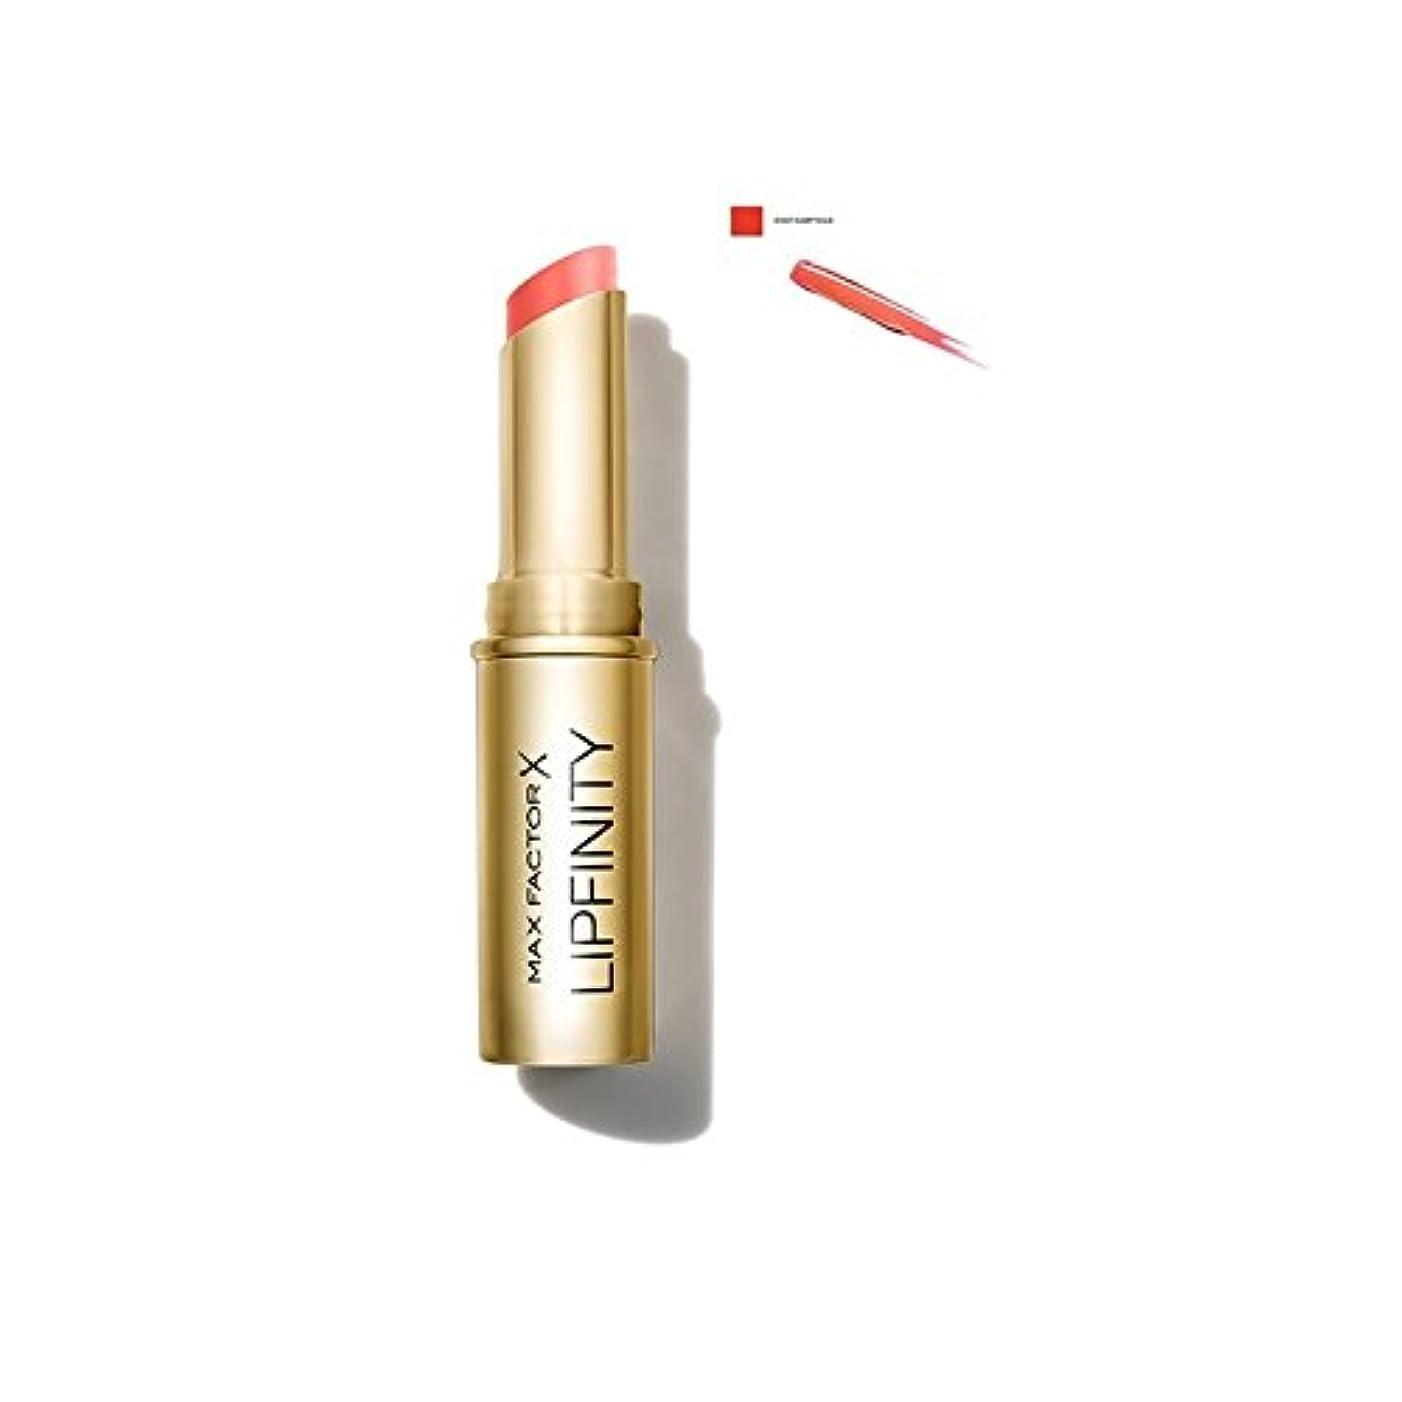 最終的に真実に隔離する長い口紅が今まで豪華な持続マックスファクターの x4 - Max Factor Lipfinity Long Lasting Lipstick Ever Sumptuous (Pack of 4) [並行輸入品]